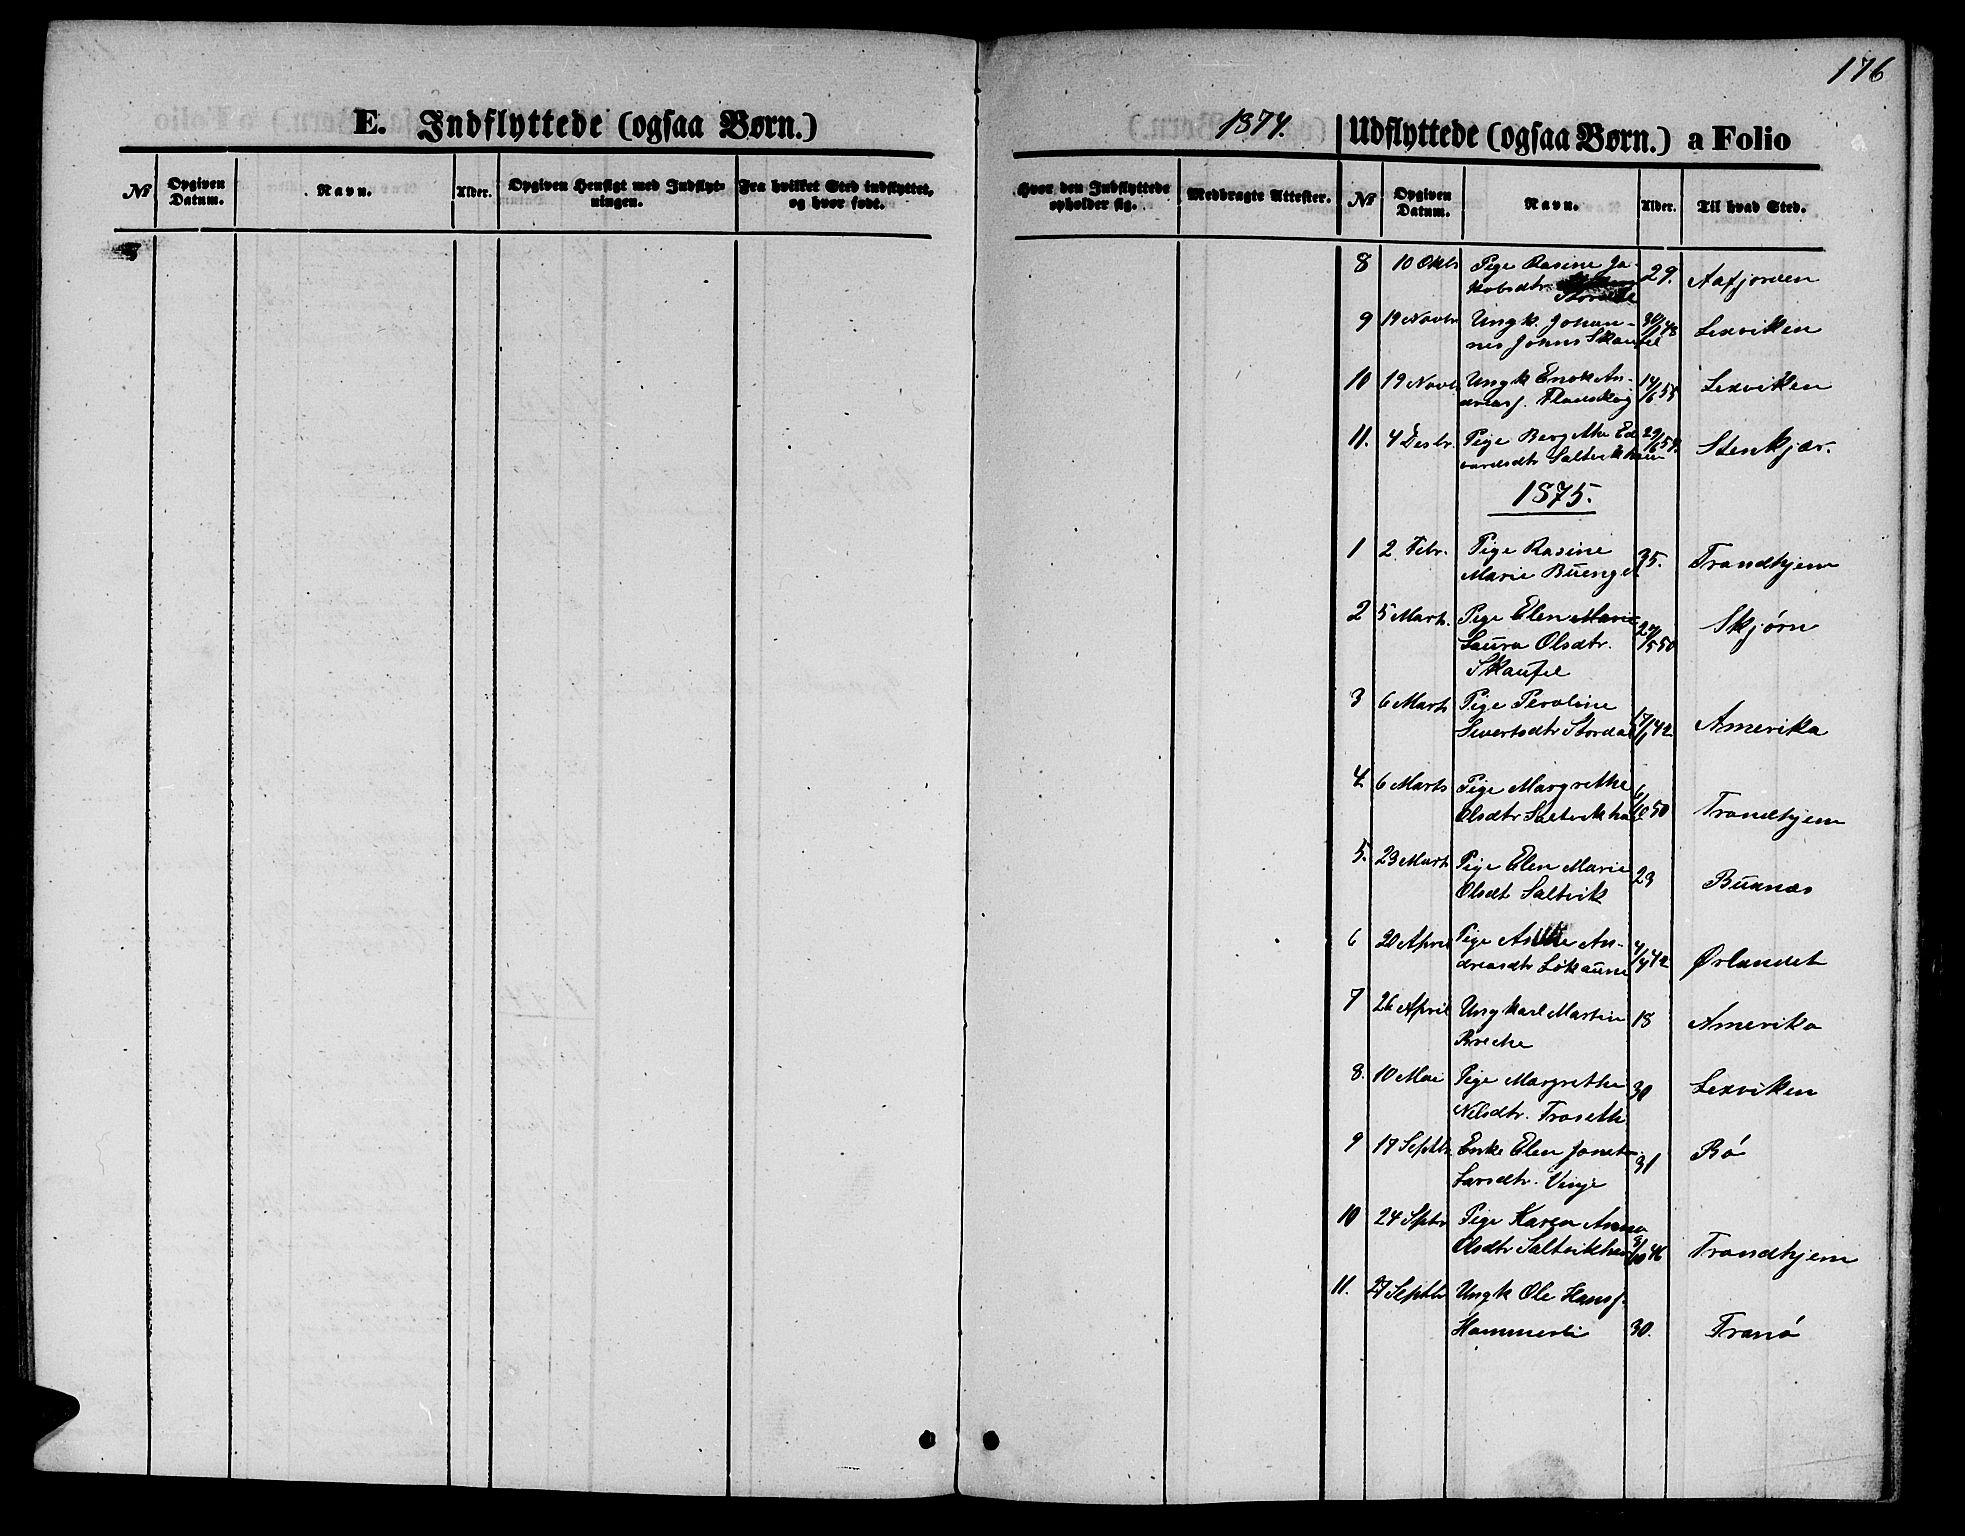 SAT, Ministerialprotokoller, klokkerbøker og fødselsregistre - Nord-Trøndelag, 733/L0326: Klokkerbok nr. 733C01, 1871-1887, s. 176